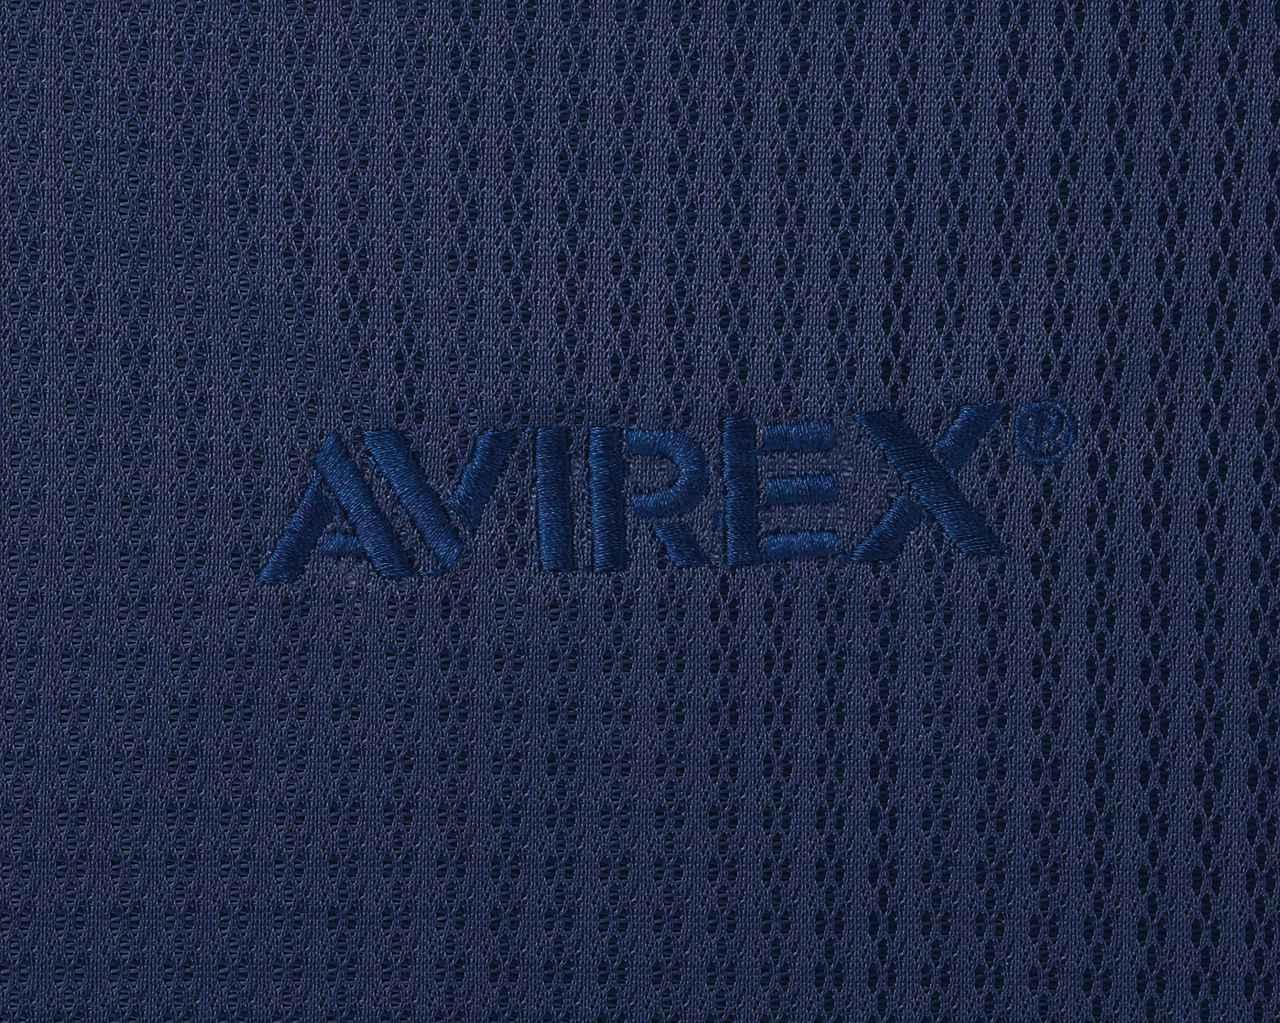 画像: 通気性のいいポリエステルメッシュをメイン素材に採用。首元にAVIREXロゴの刺繍がさりげなく入っています。